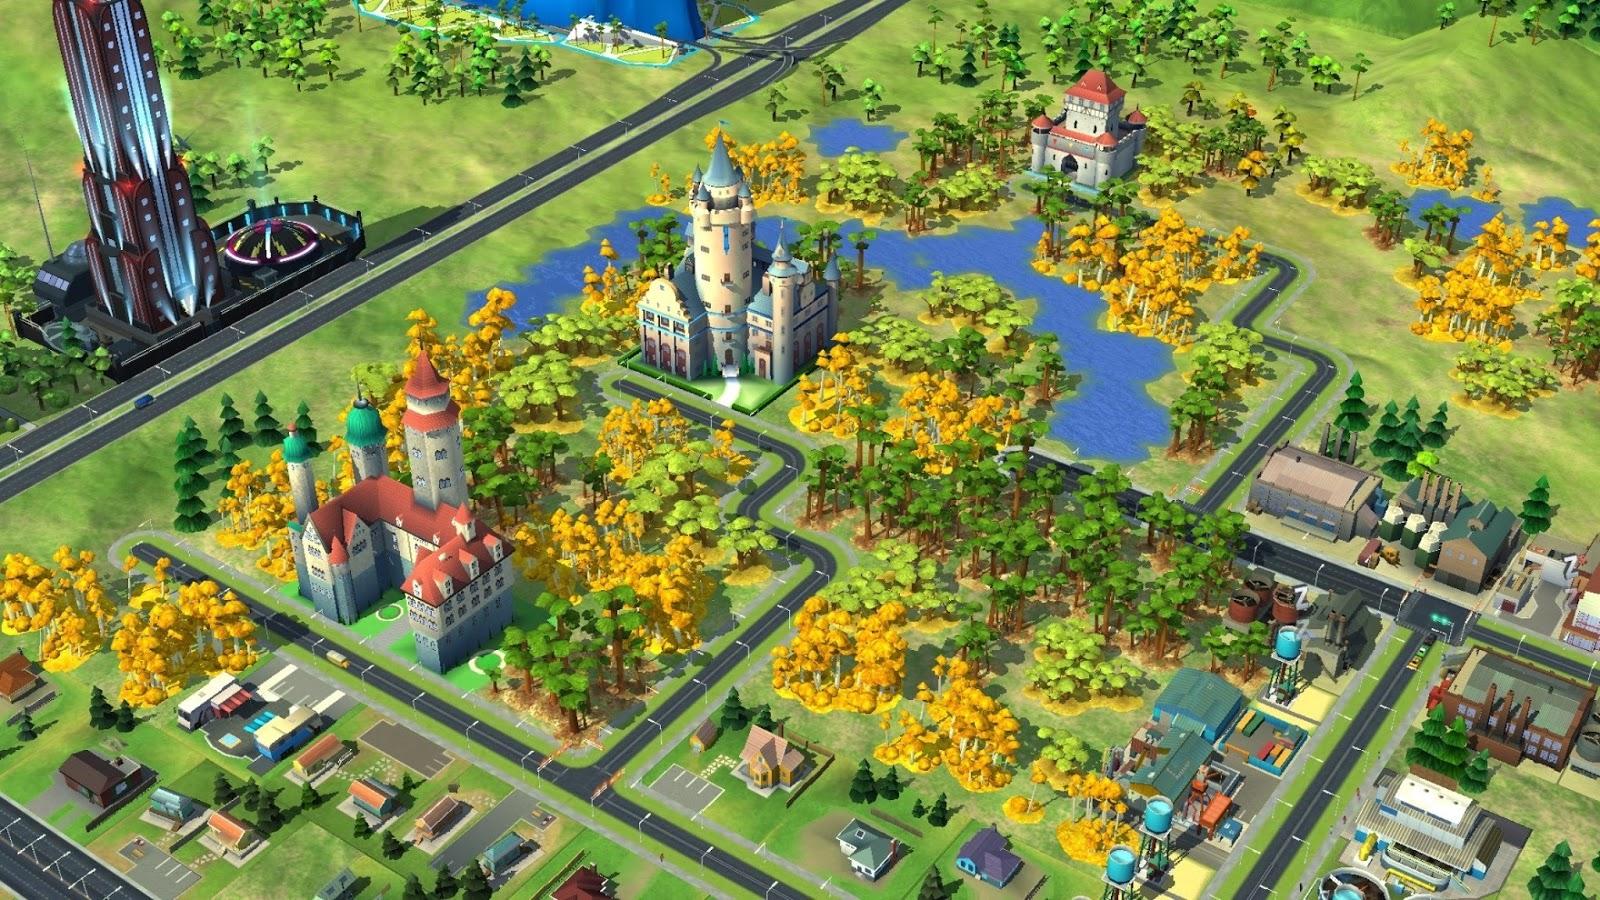 Sim city buildit | SimCity BuildIt mod apk Unlimited Money+Coins+